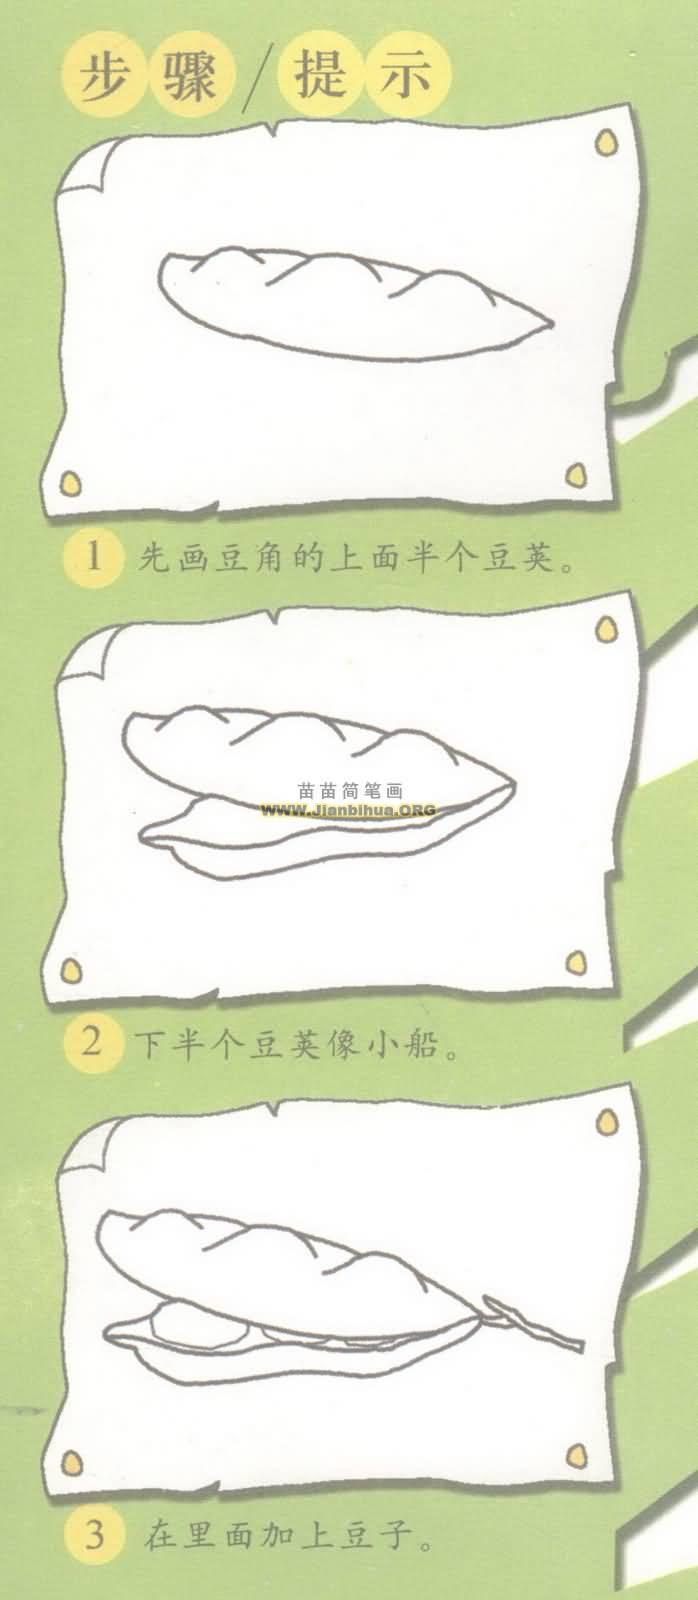 豆角简笔画图片